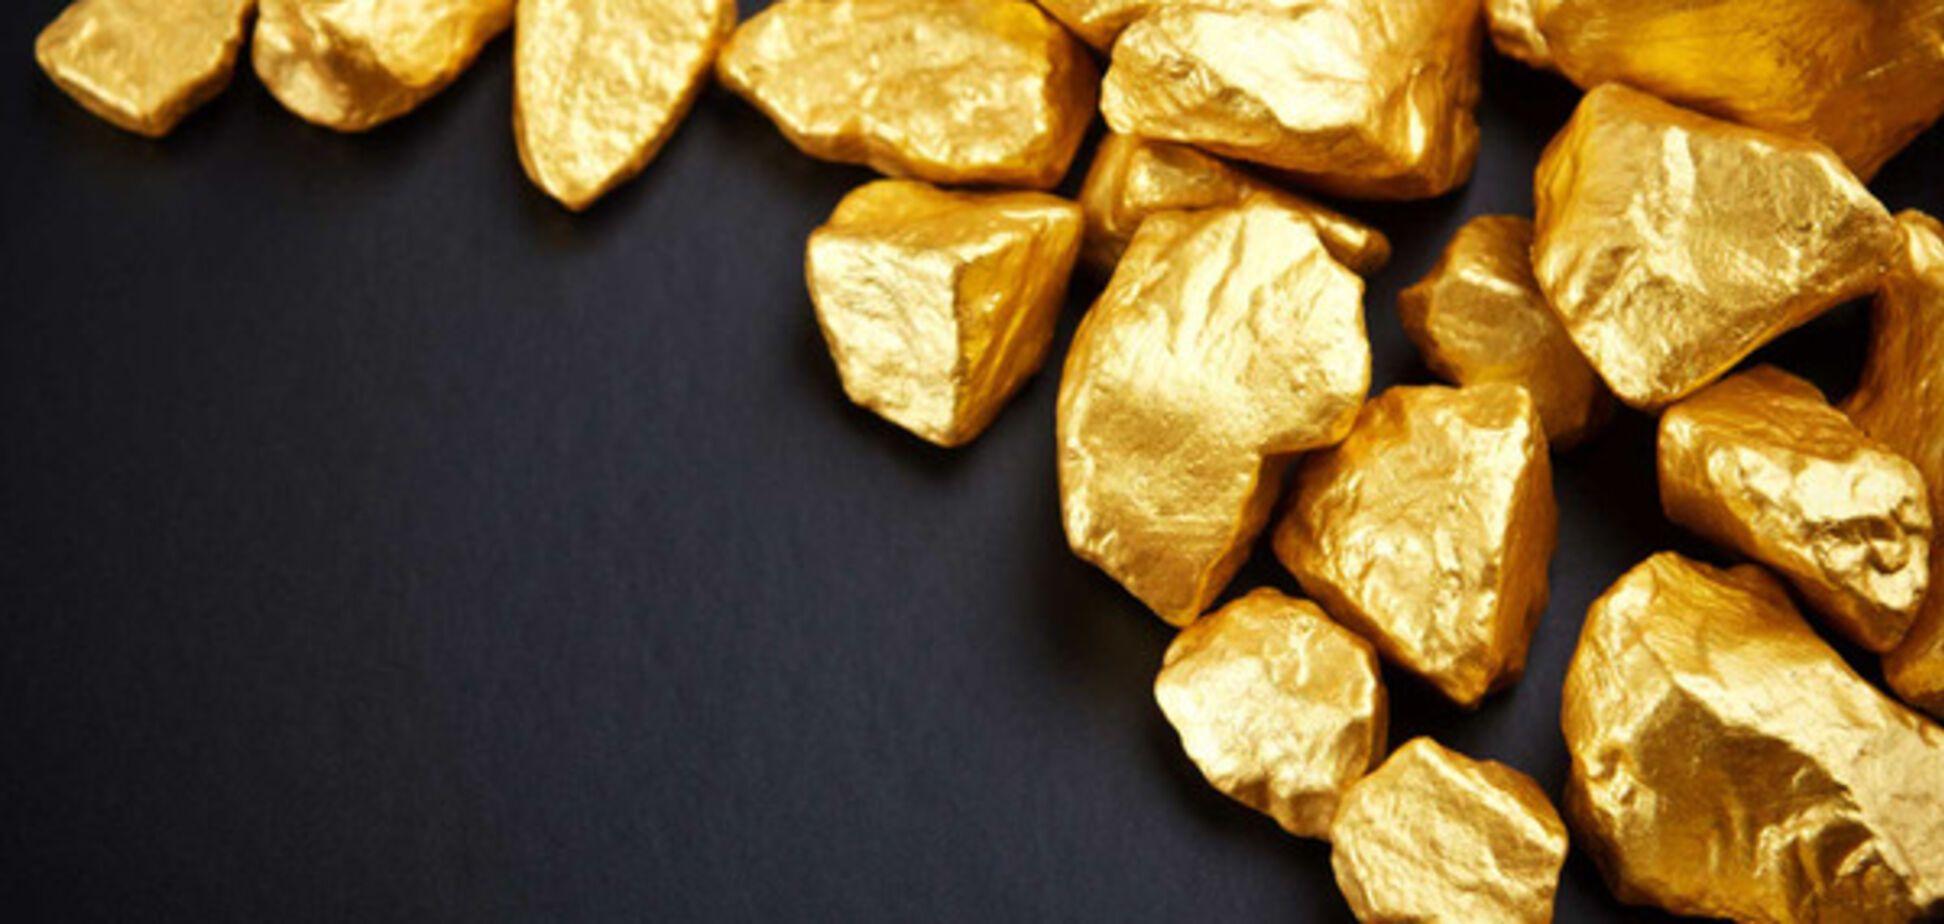 золото обыск